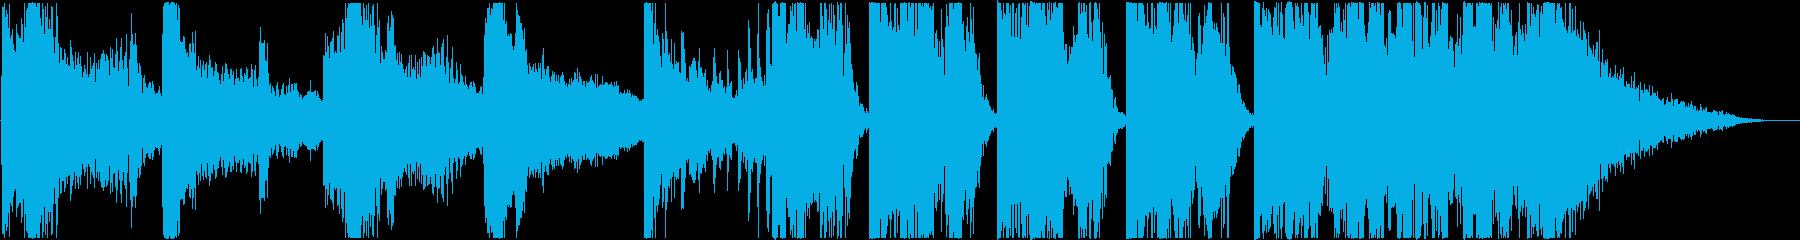 やや音が主張するトレーラーの再生済みの波形